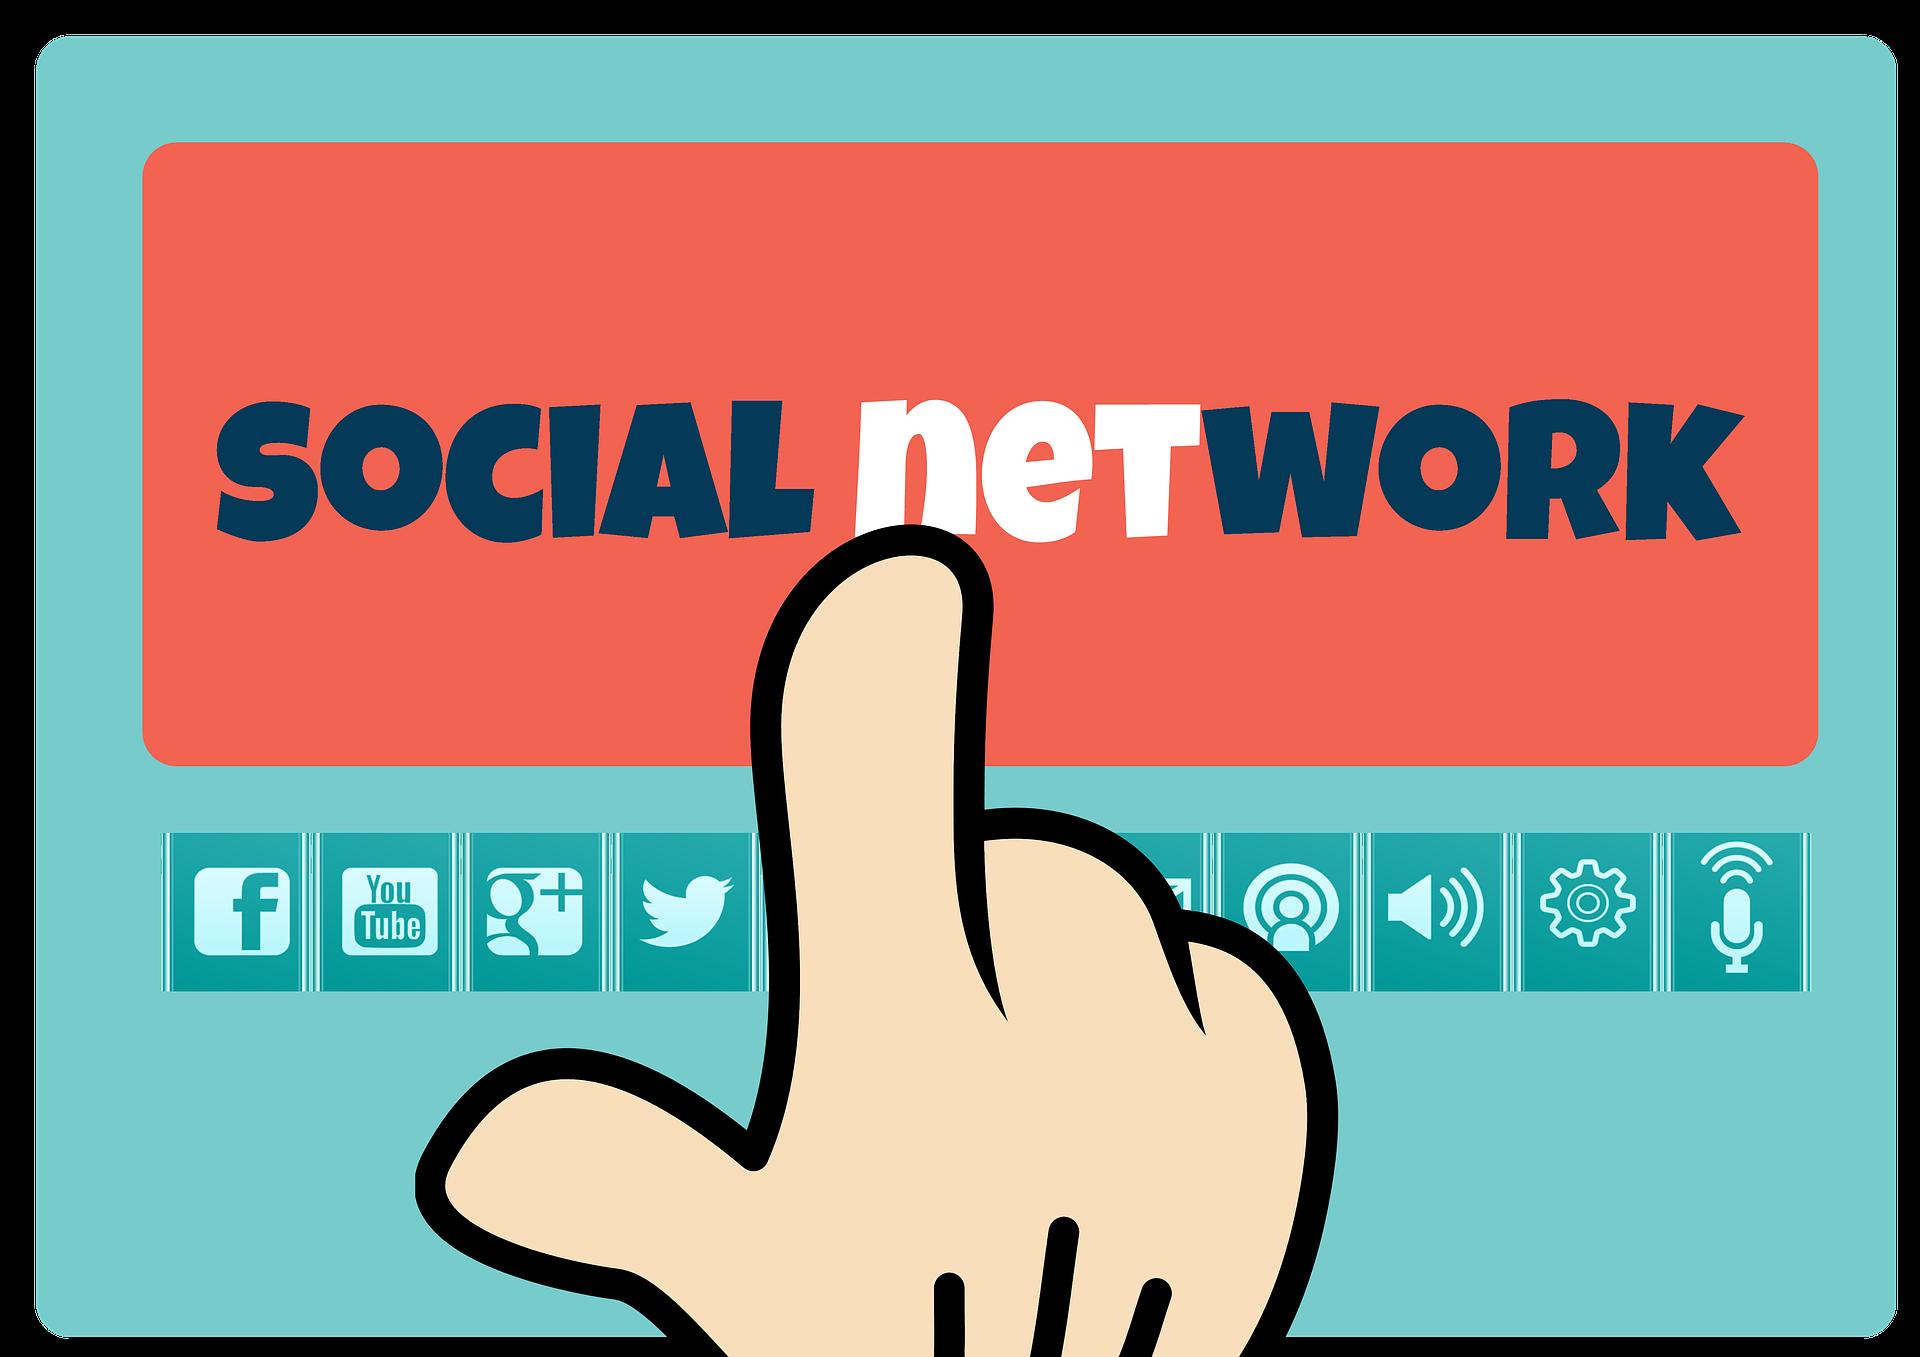 redes sociales, trabajo, mano mickey mouse